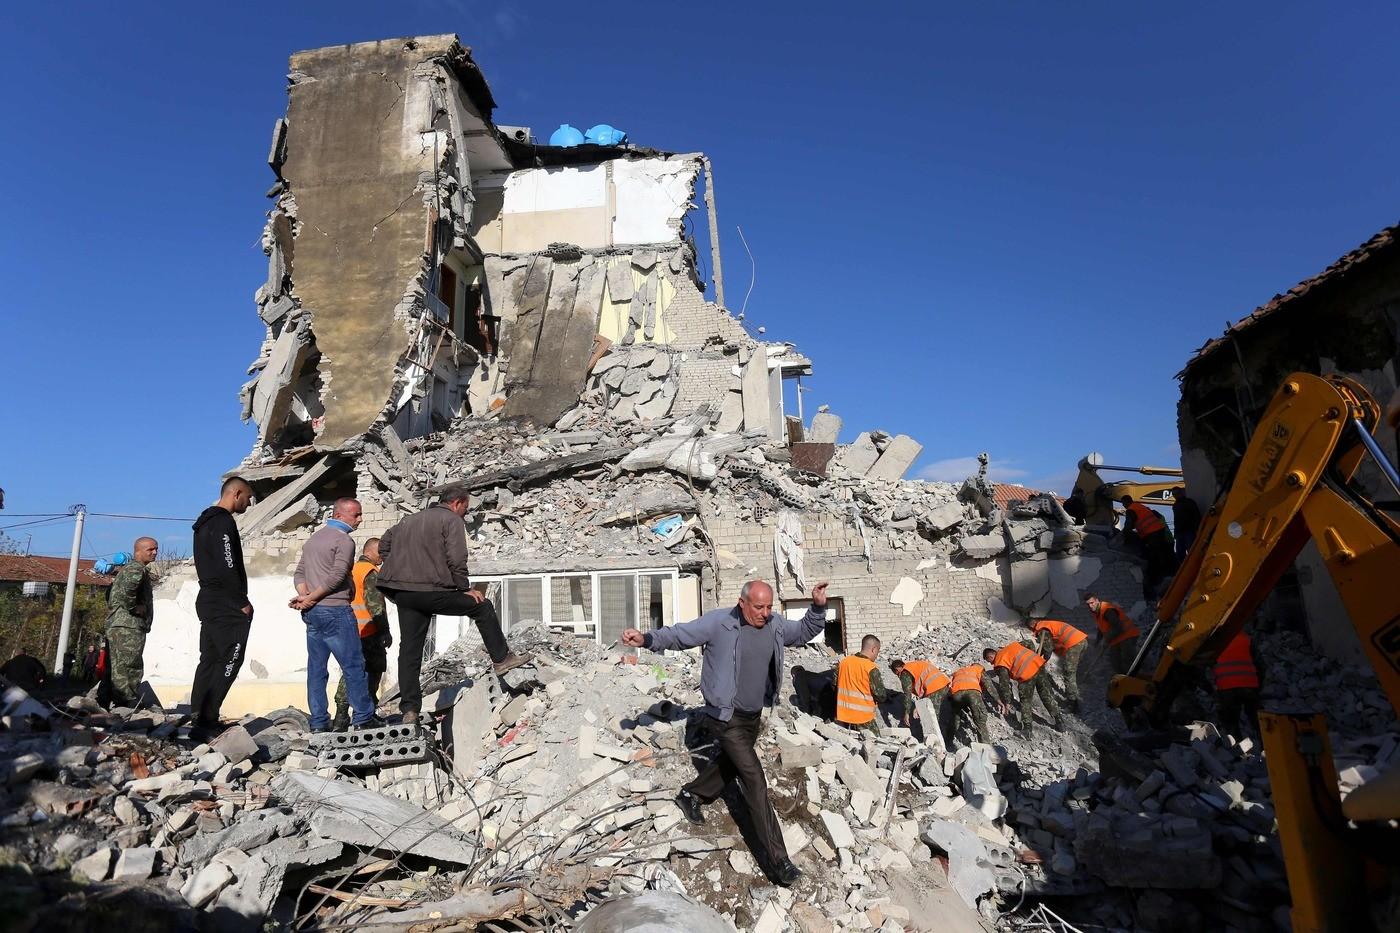 Forte terremoto in Albania. Magnitudo 6.5. Oltre venti morti e 600 feriti